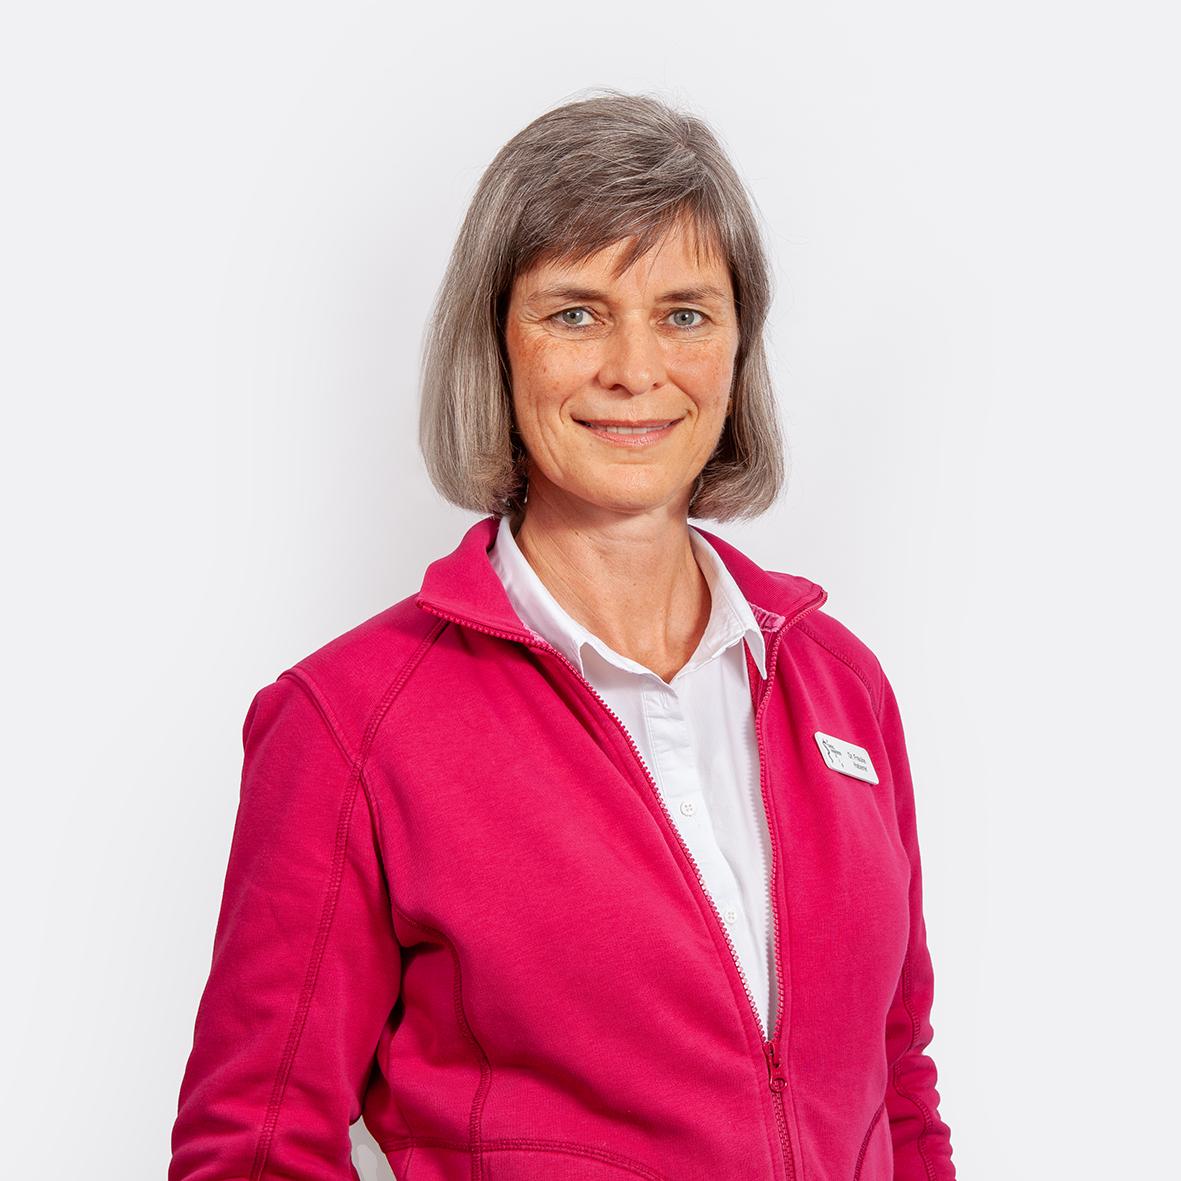 Frauke Haberer